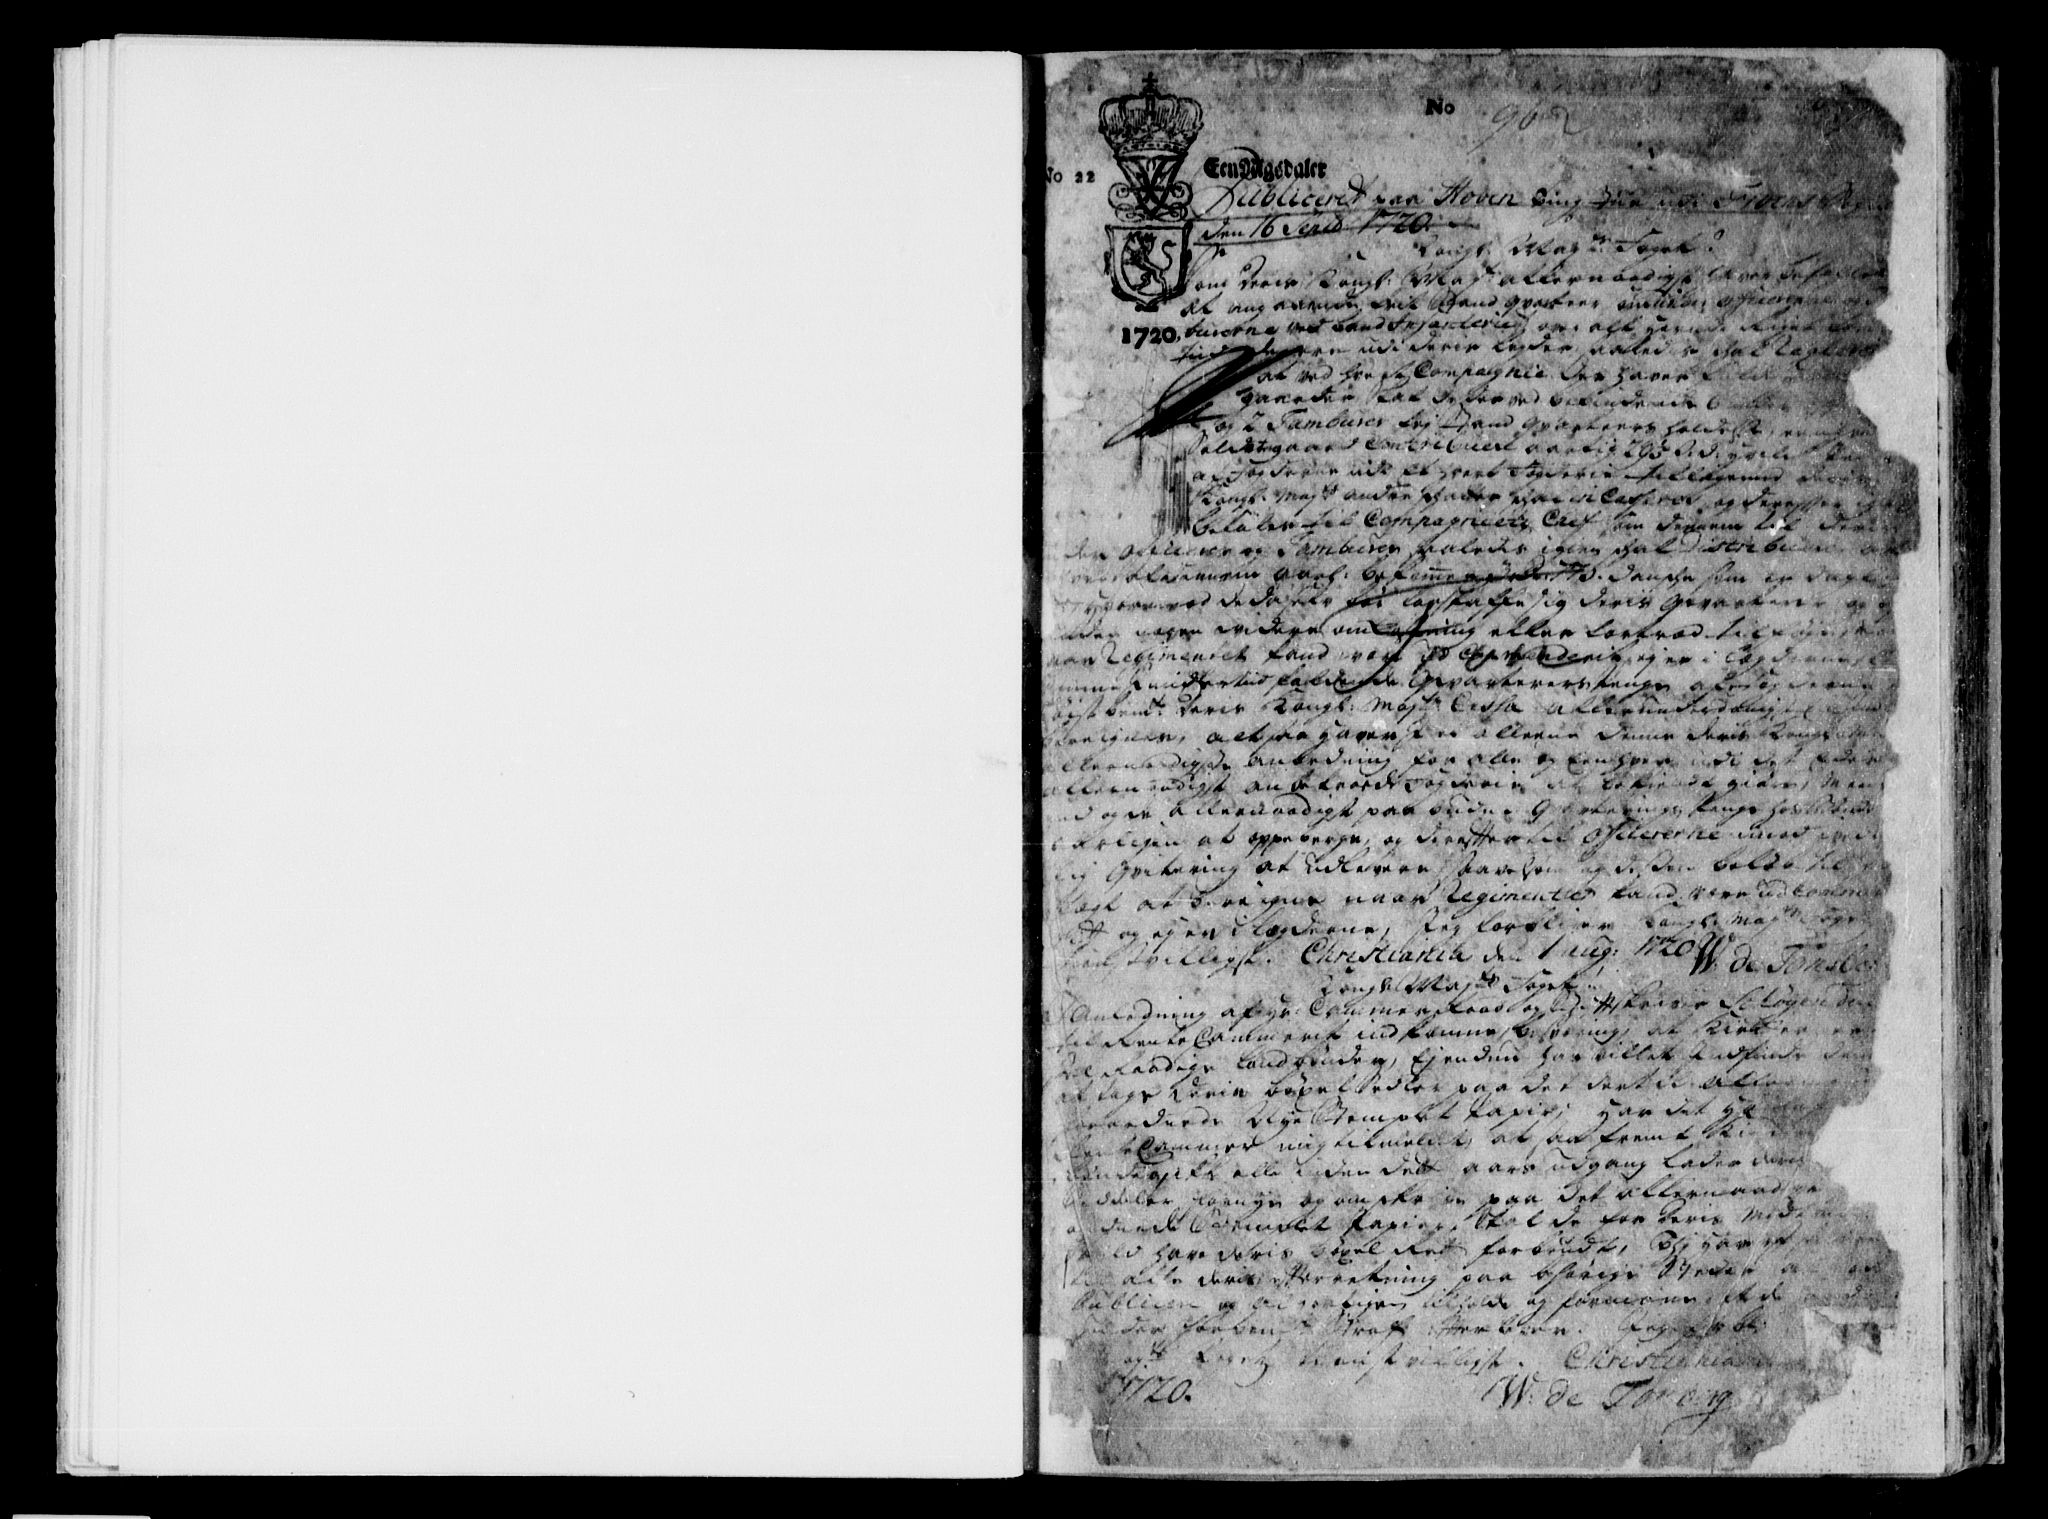 SAH, Sorenskriverier i Gudbrandsdalen, H/Hb/L0001: Pantebok nr. 1, 1720-1726, s. 1